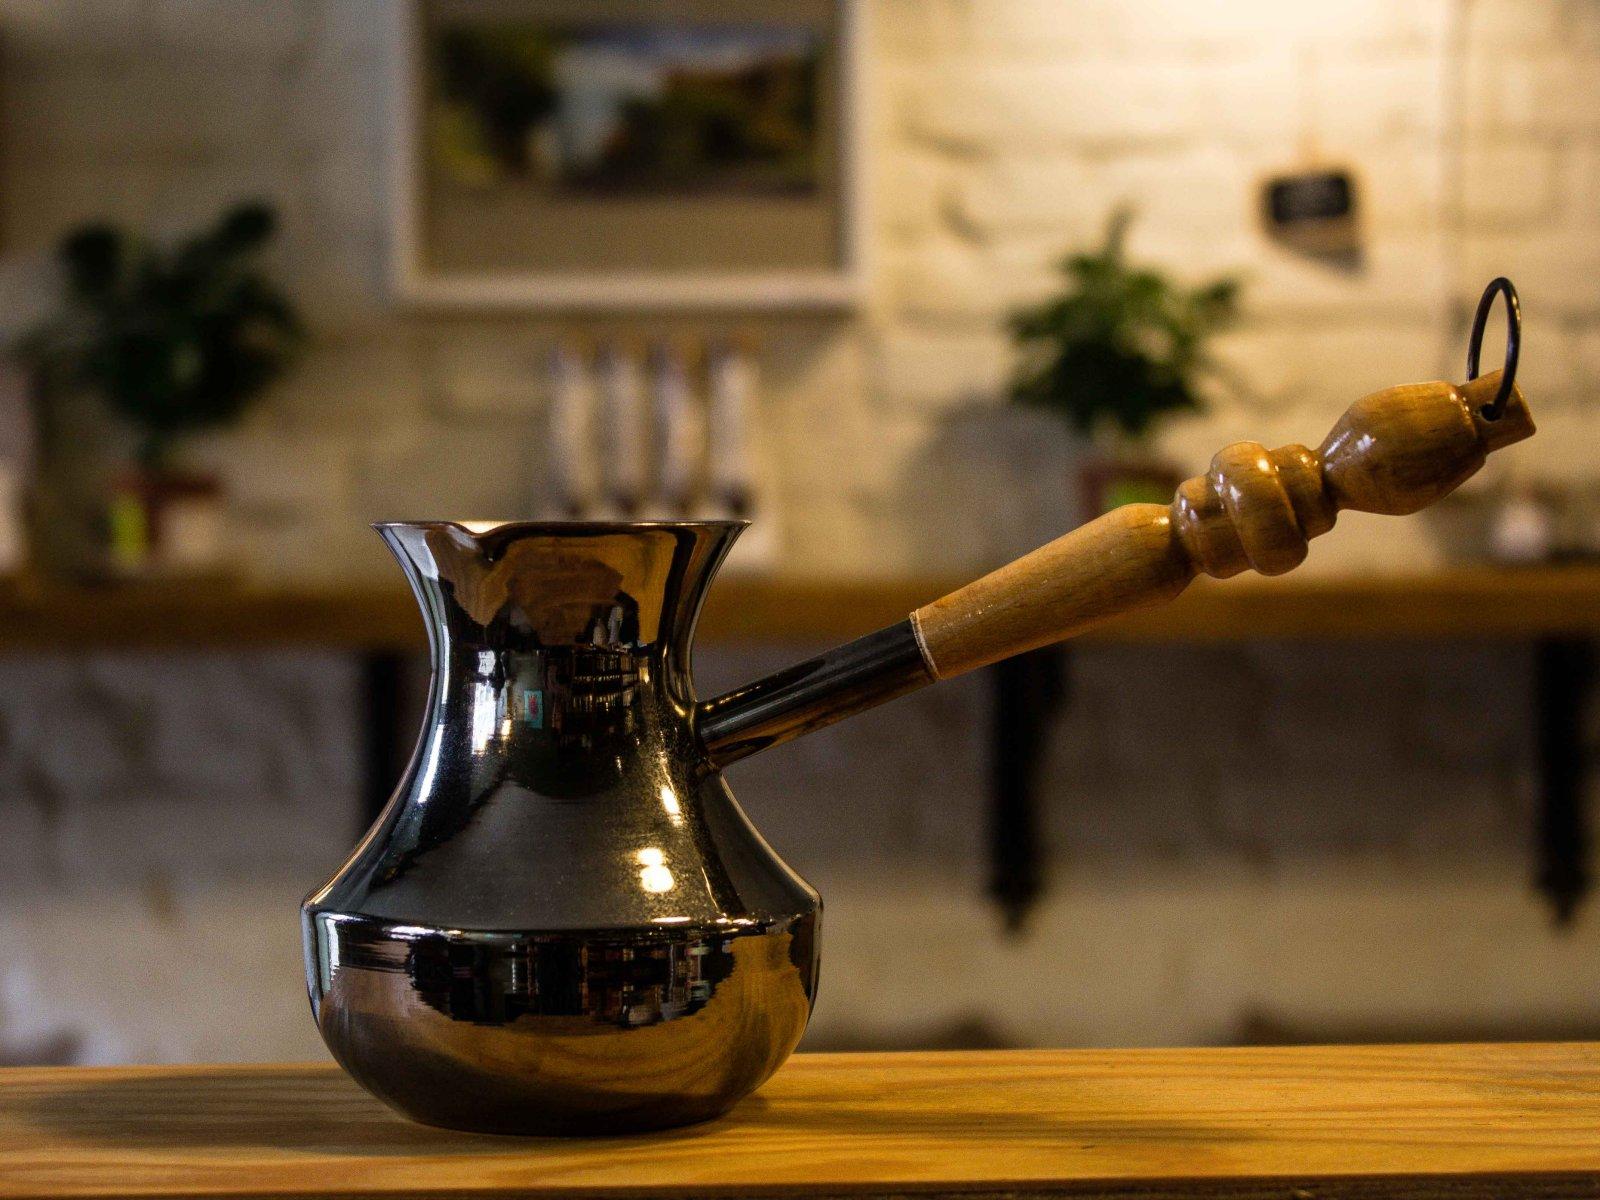 Фото турки на столе